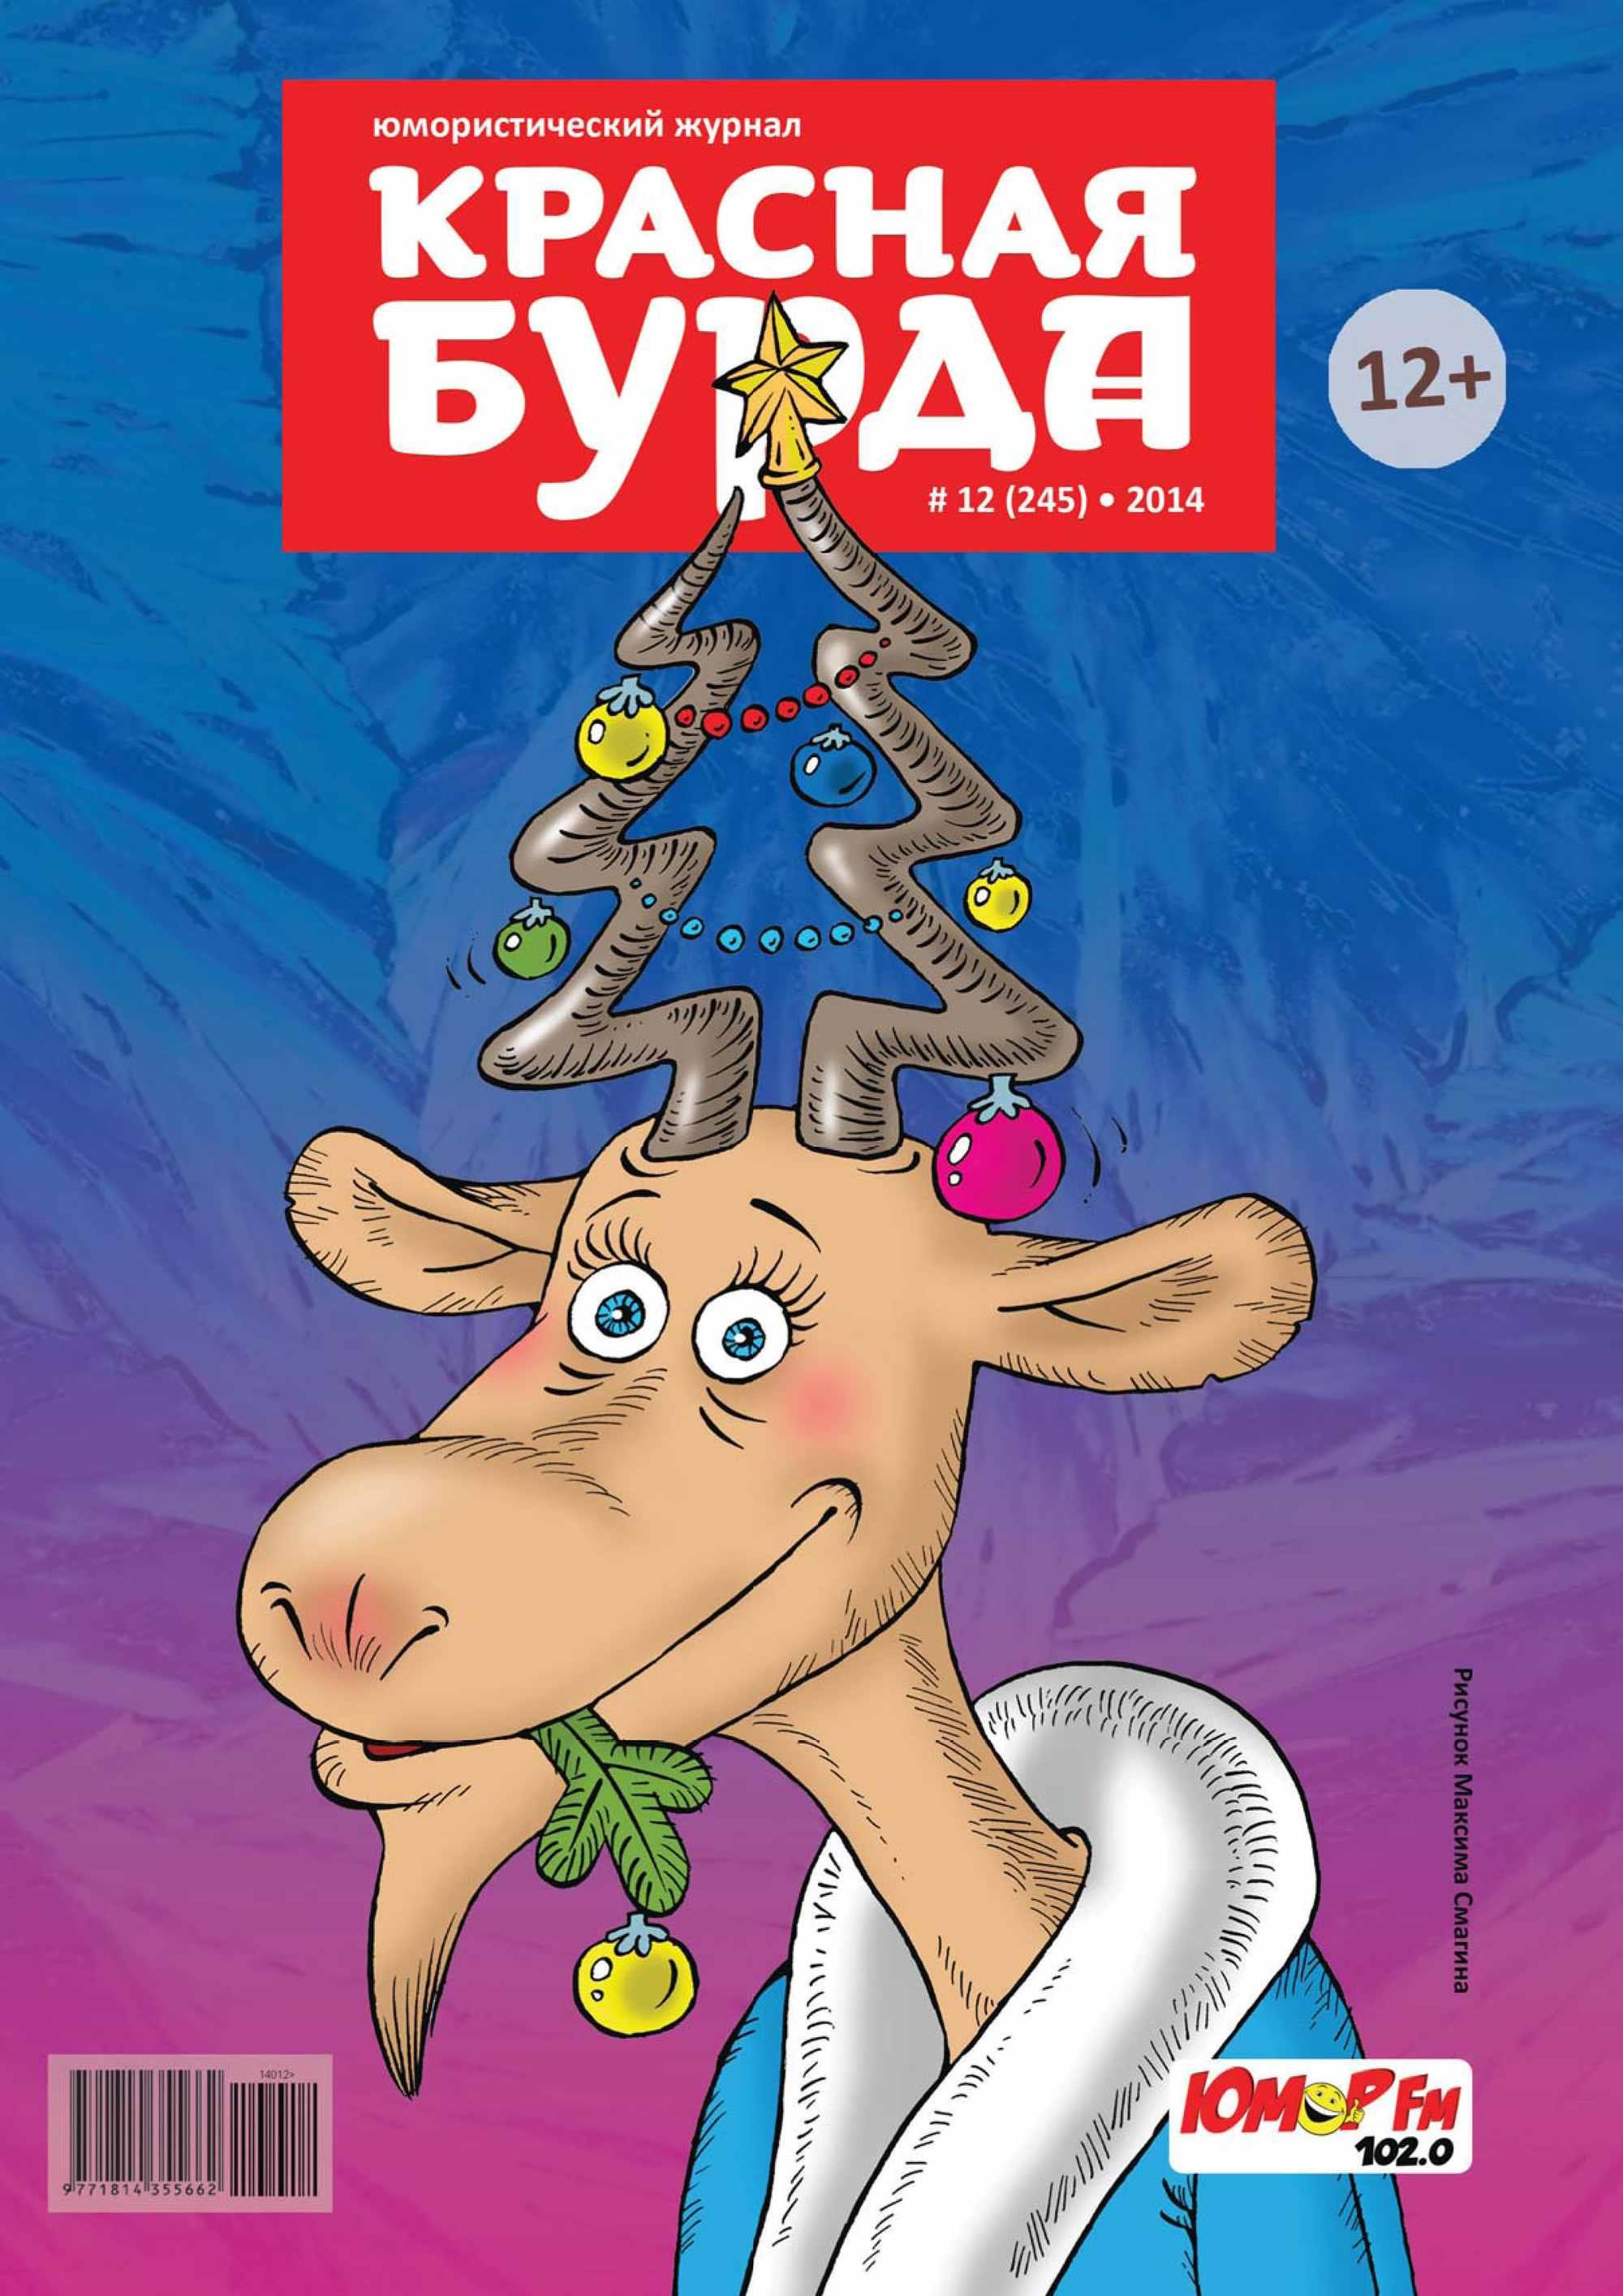 Отсутствует Красная бурда. Юмористический журнал №12 (245) 2014 бирюкова а ред весело весело встретим новый год придумай и дорисуй